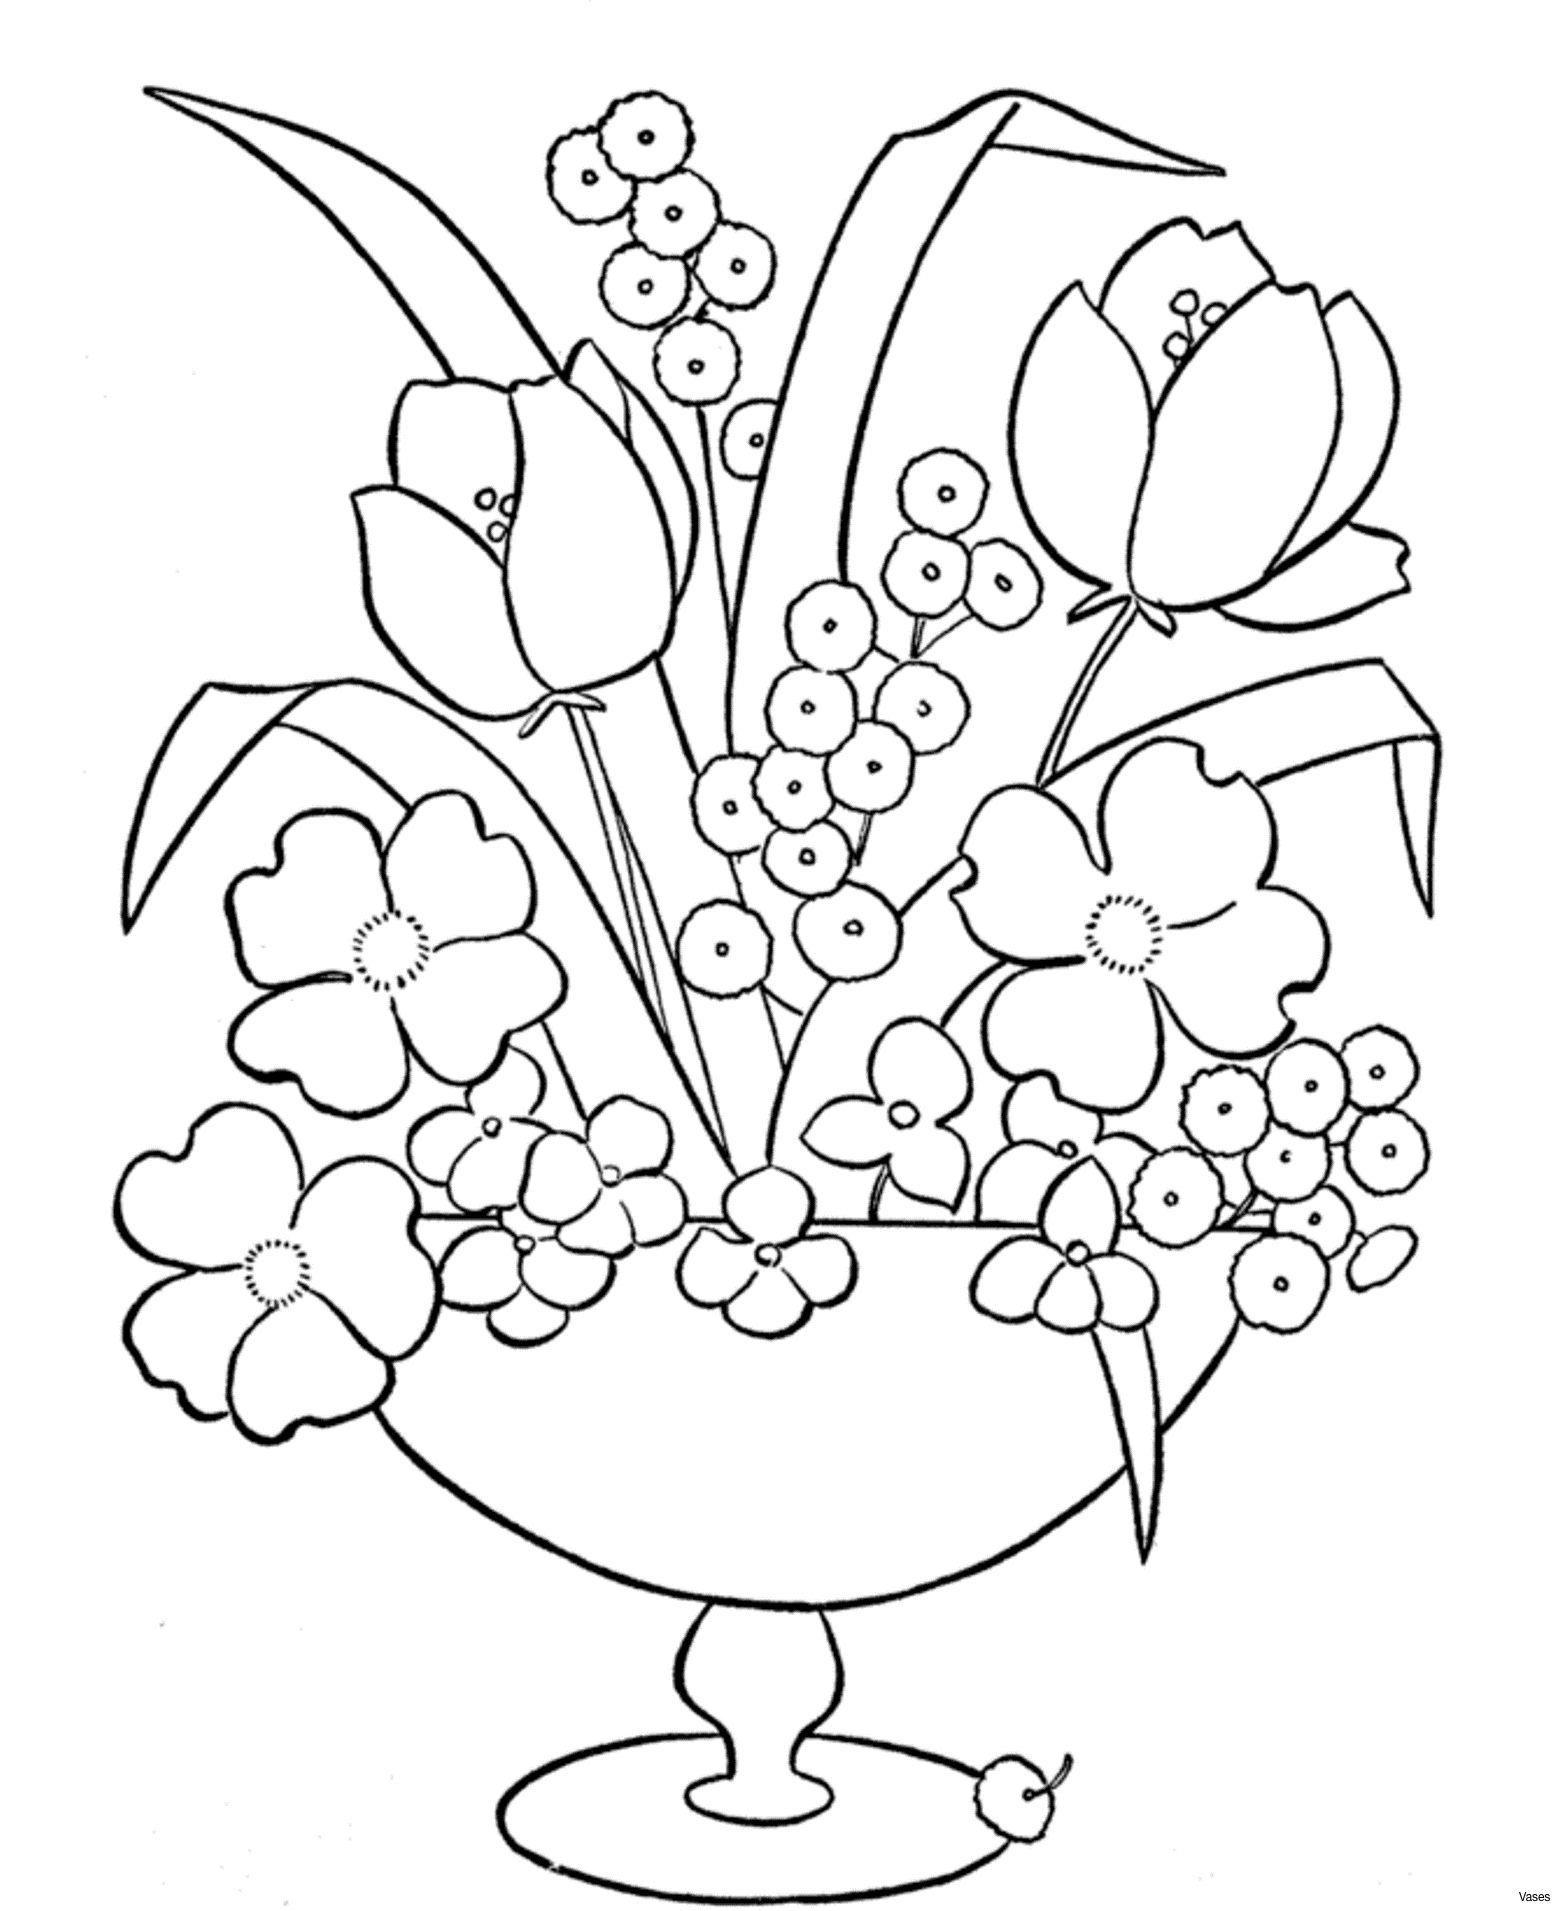 Zebra Coloring Pages Princess Cool Vases Flower Vase Coloring Page Paginas De Fadas Para Colorir Paginas Para Colorir Para Adultos Paginas Para Colorir